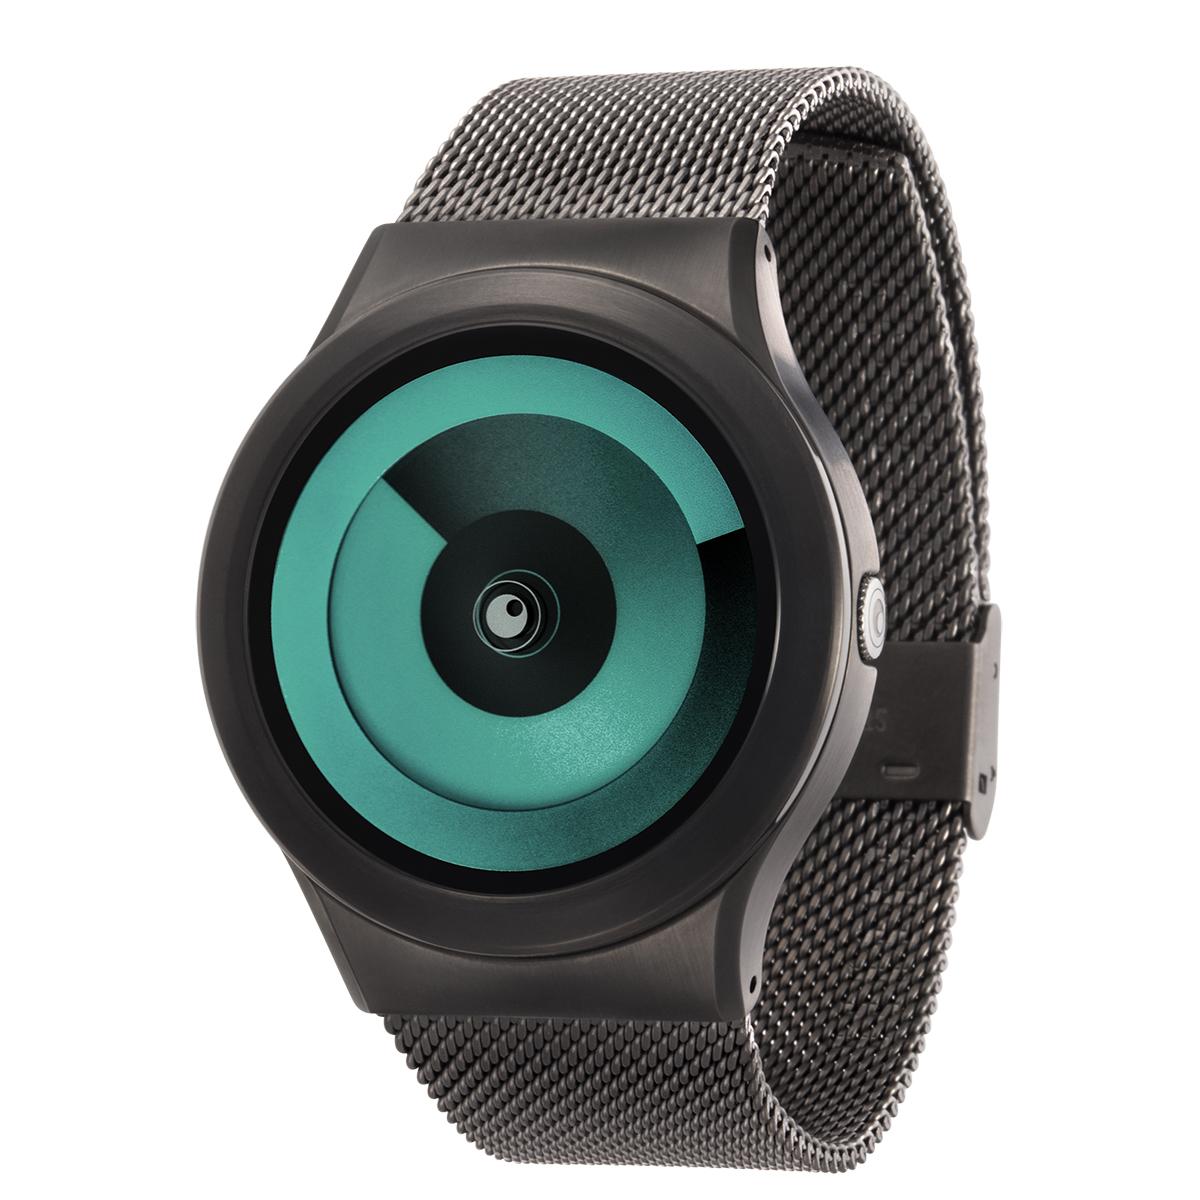 ファッションウォッチ デザインウォッチ 海外並行輸入正規品 5ATM メーカー保障12ヶ月 ベルト調整用工具 LOGO入りクロス 取扱説明書 ZIIIROとは関係ありません ZEROOTIME ゼロタイム ZEROO SPIRAL グリーン ペア用 GALAXY レディース おしゃれ時計 メンズ ユニセックス W06018B02SM02 電池式クォーツ 超特価 デザイナーズ 腕時計 ゼロ